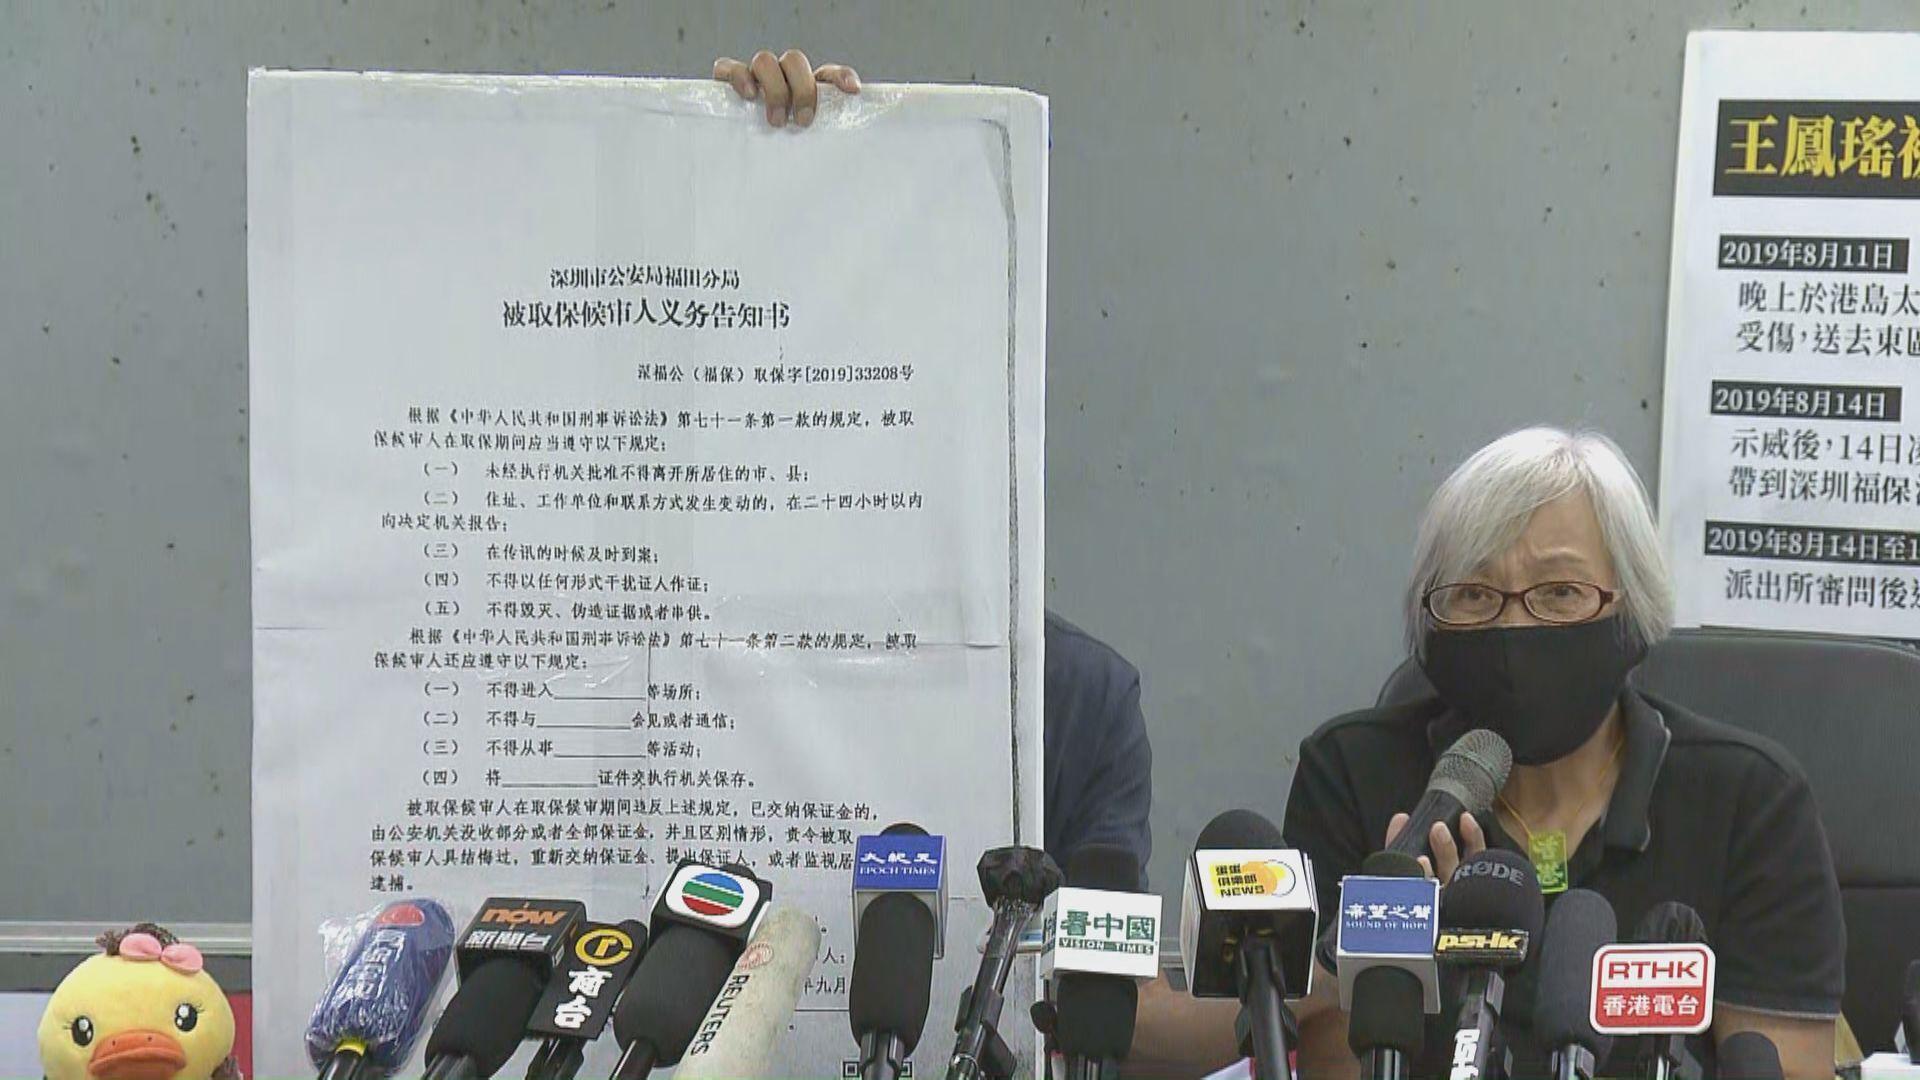 參與反修例示威王婆婆深圳被捕一年返港 曾寫悔過書